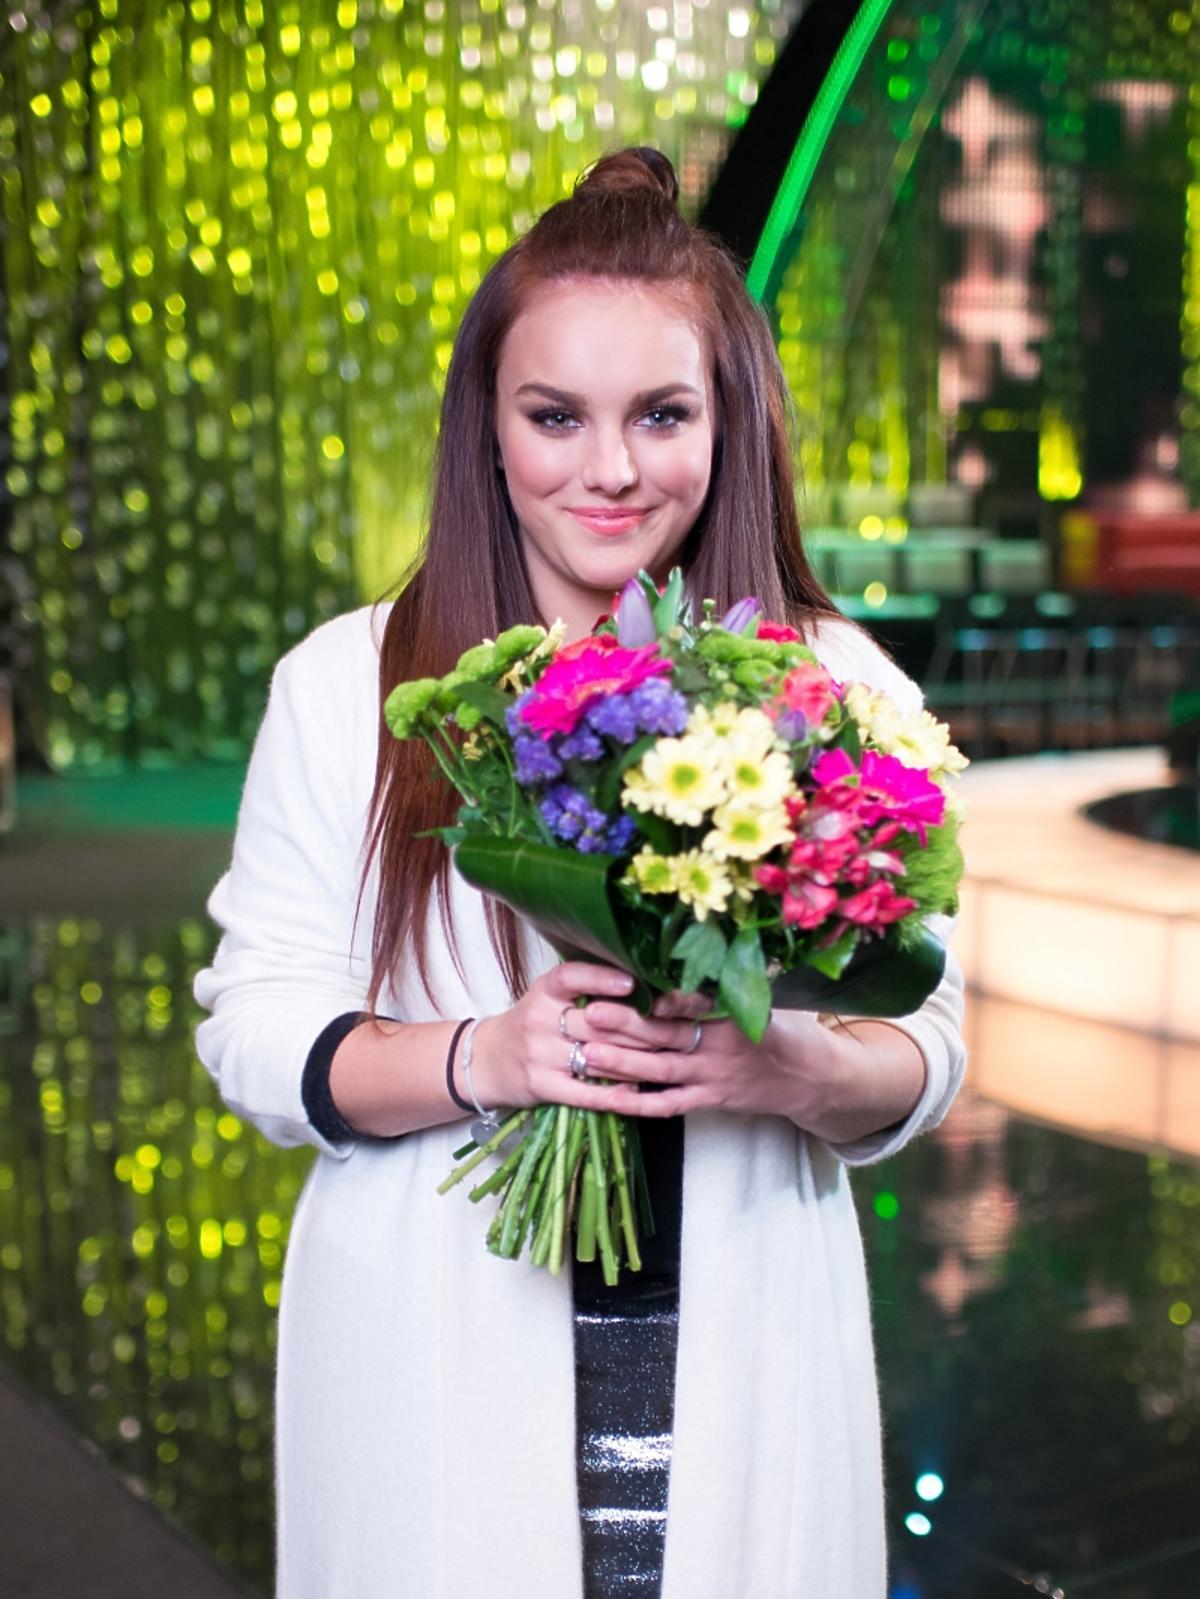 Ewa Farna z kwiatami